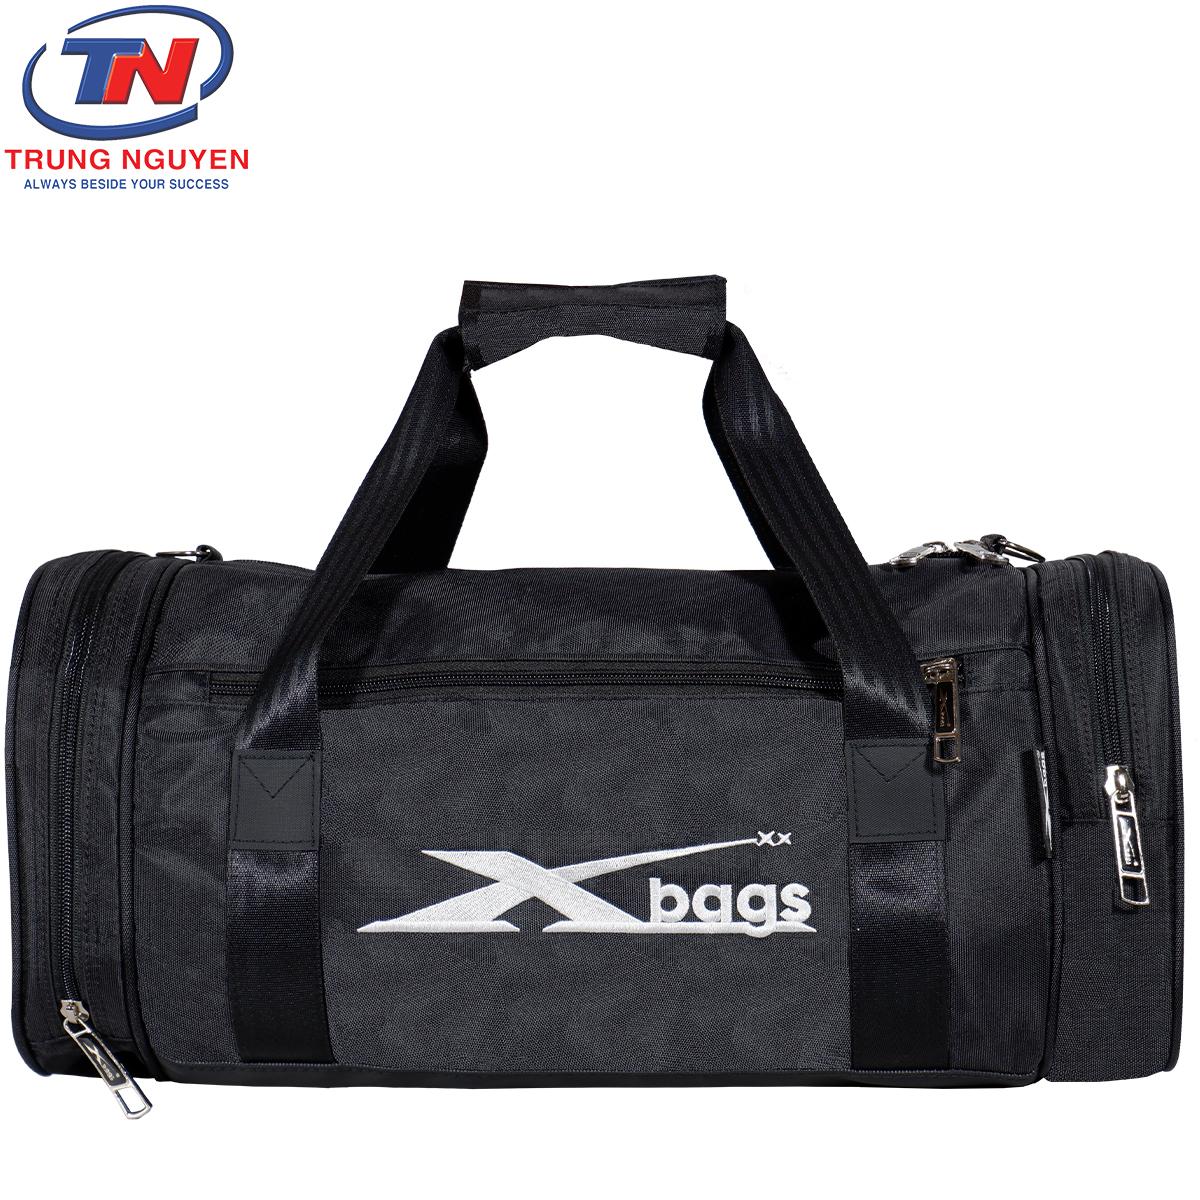 Túi xách đựng đồ thể thao. Balodep.shop|CHUYÊN BALO-TÚI XÁCH